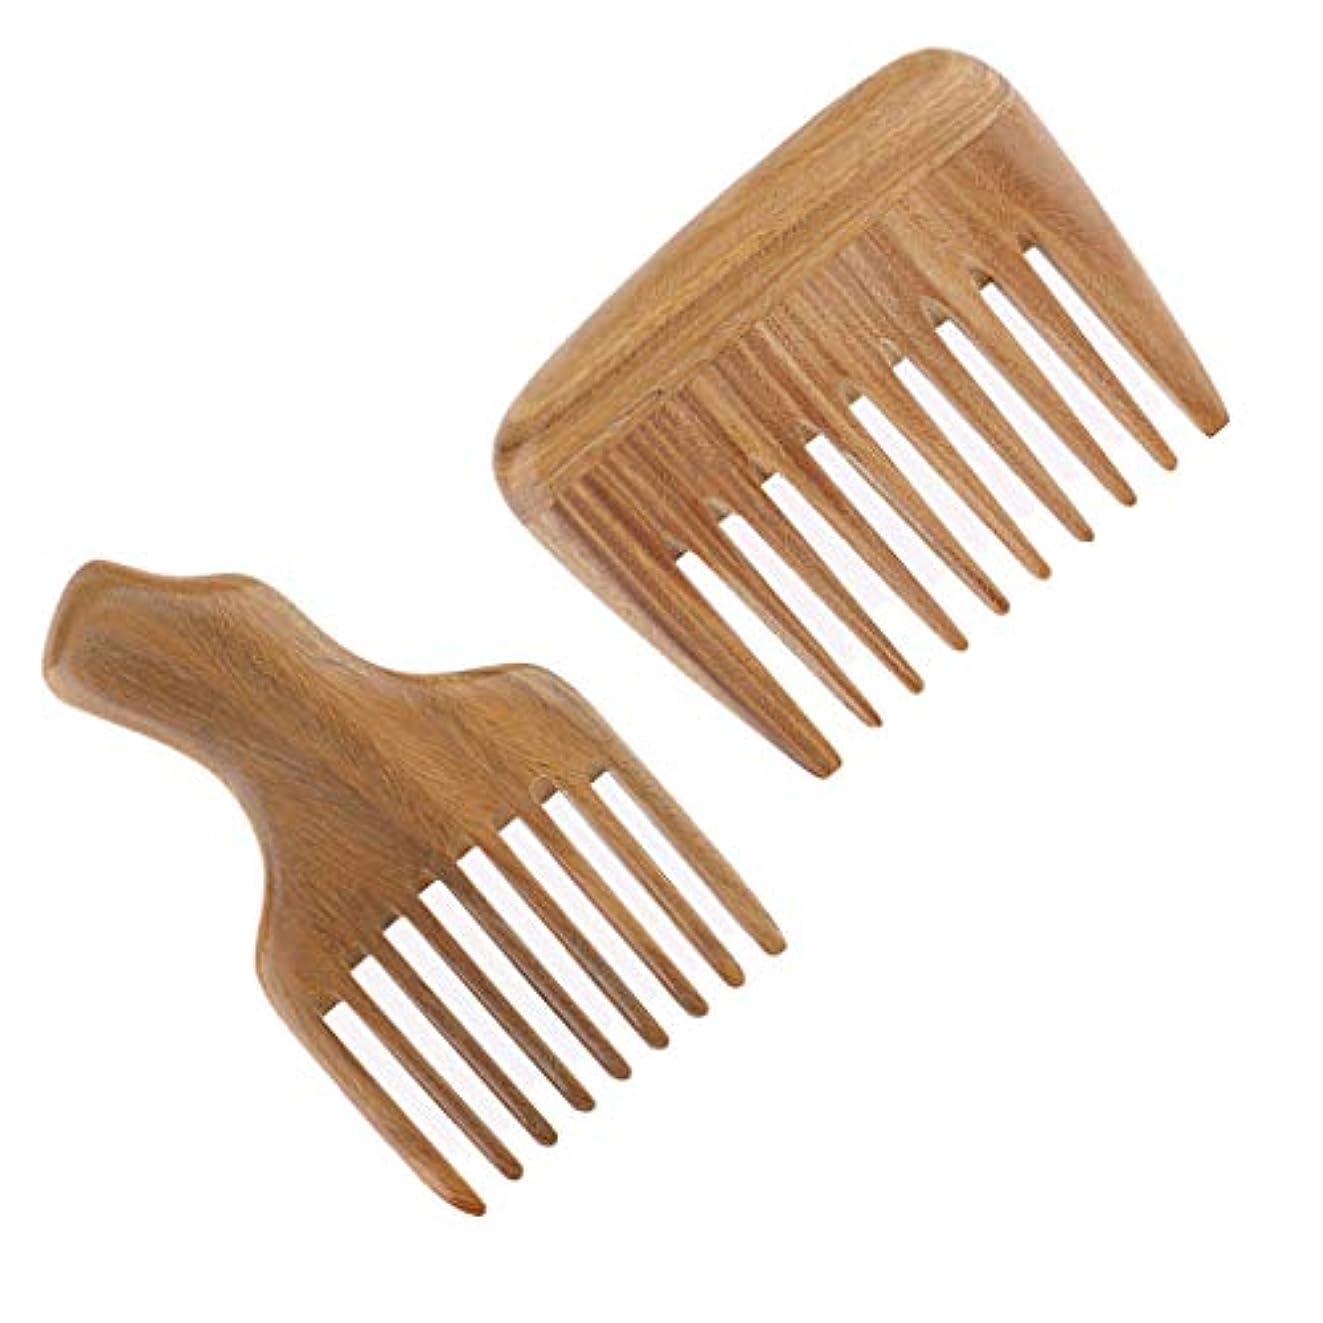 レビュー活力なくなる木製コーム ヘアブラシ ヘアコーム 粗い櫛 ユニセックス 理髪店 サロン アクセサリー 2個入り